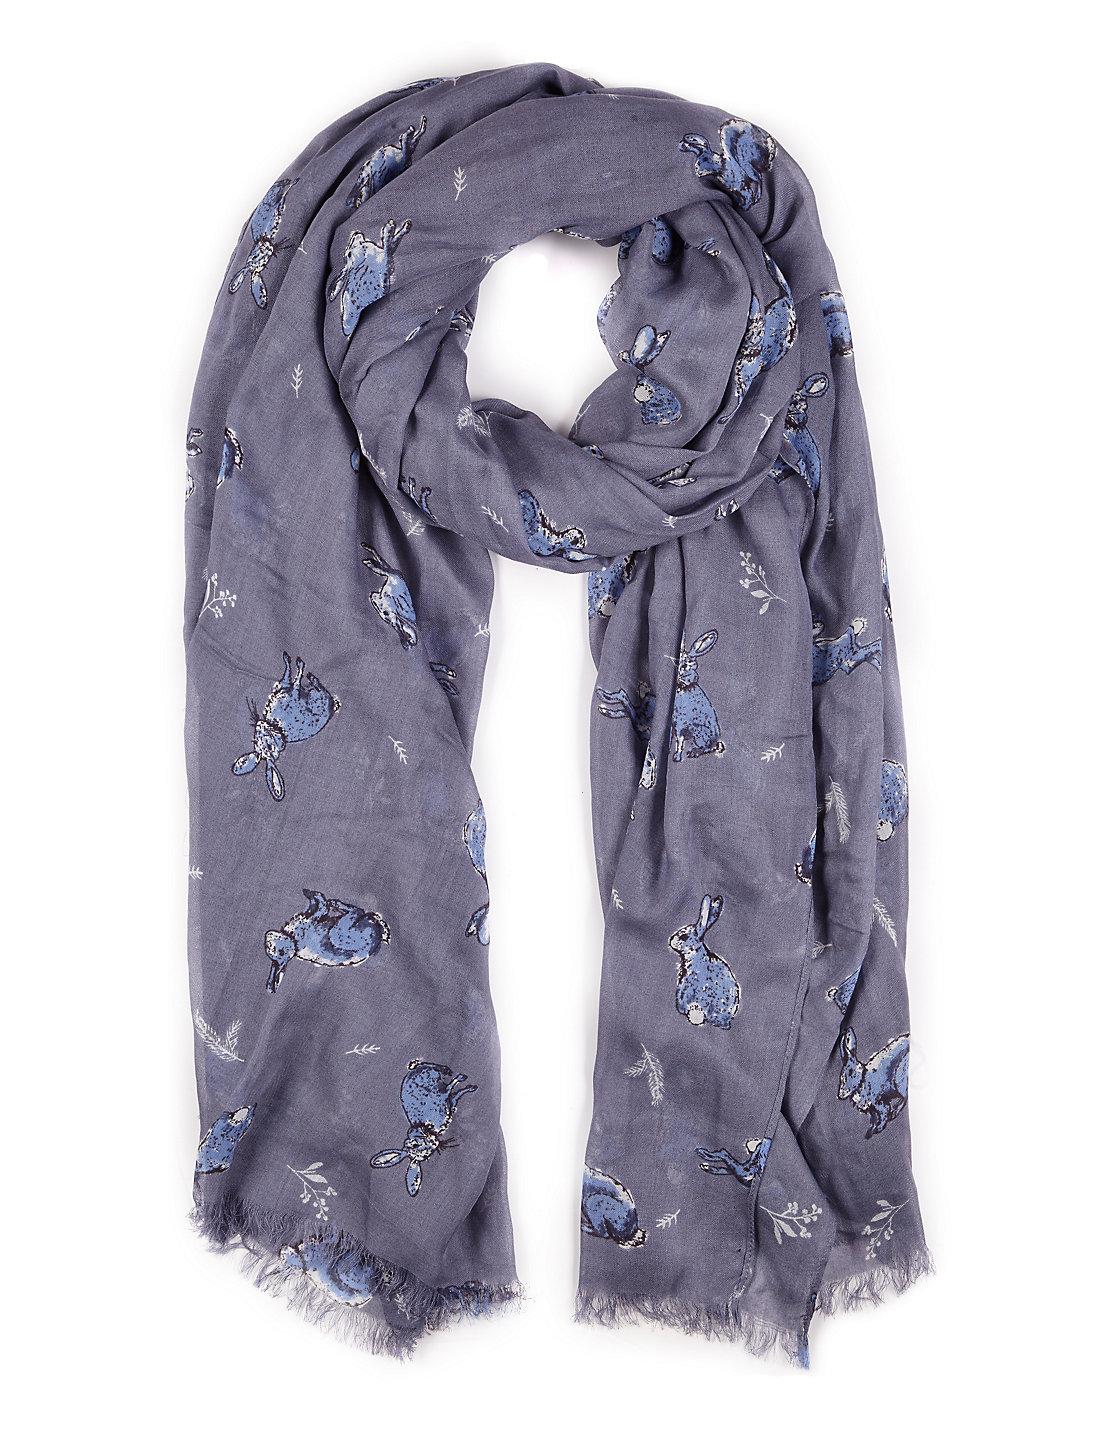 bunny print scarf with modal m u0026s